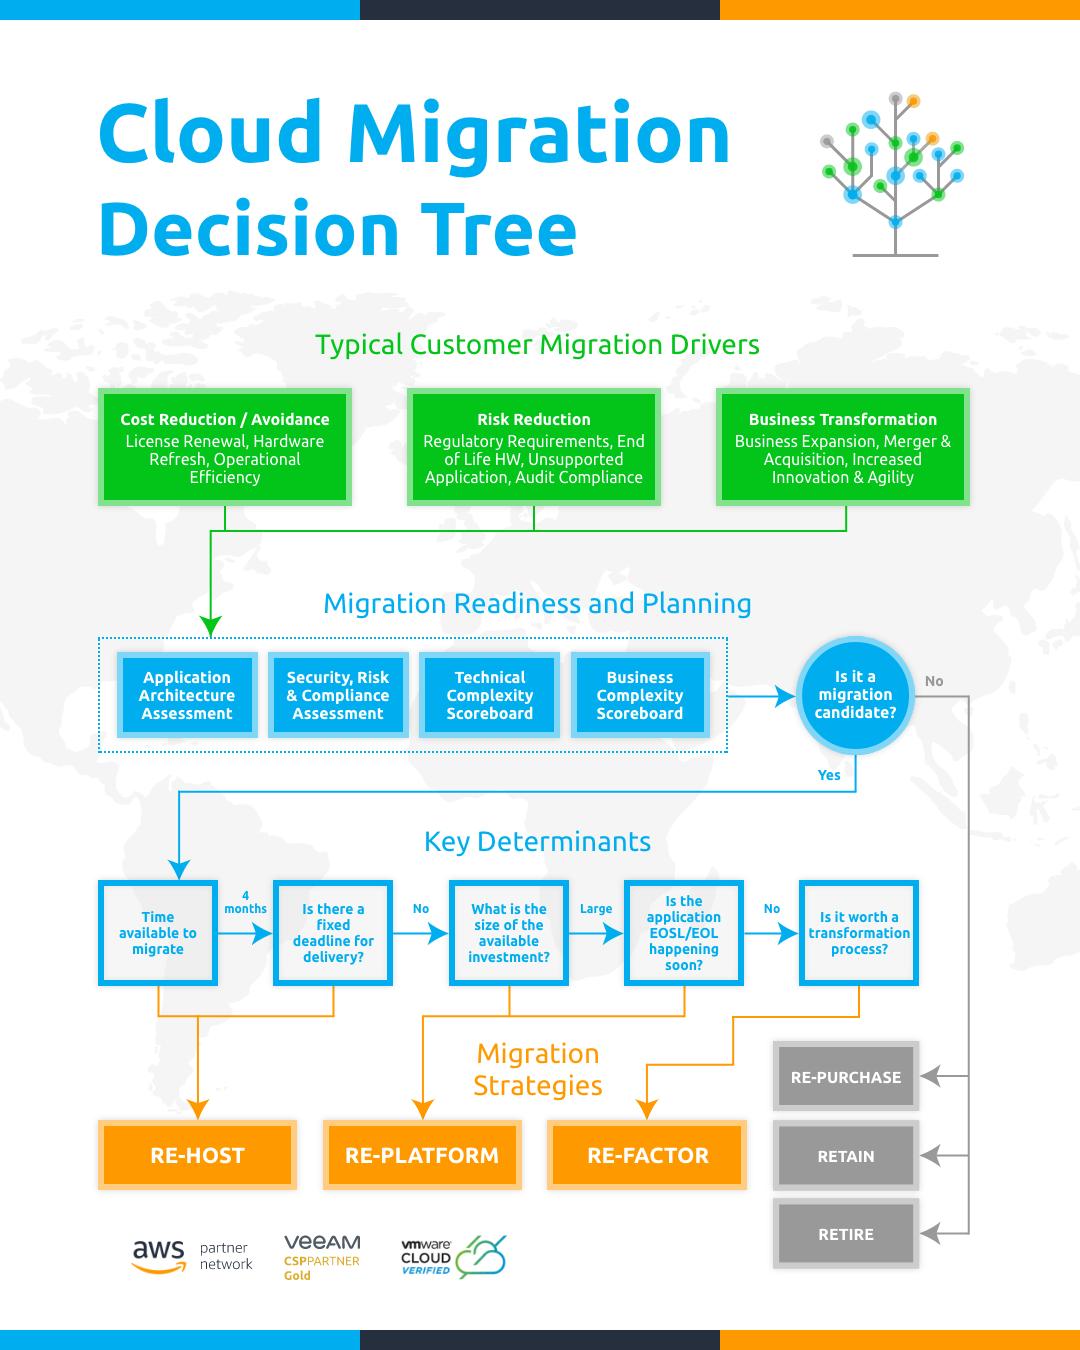 Cloud Migration Decision Tree